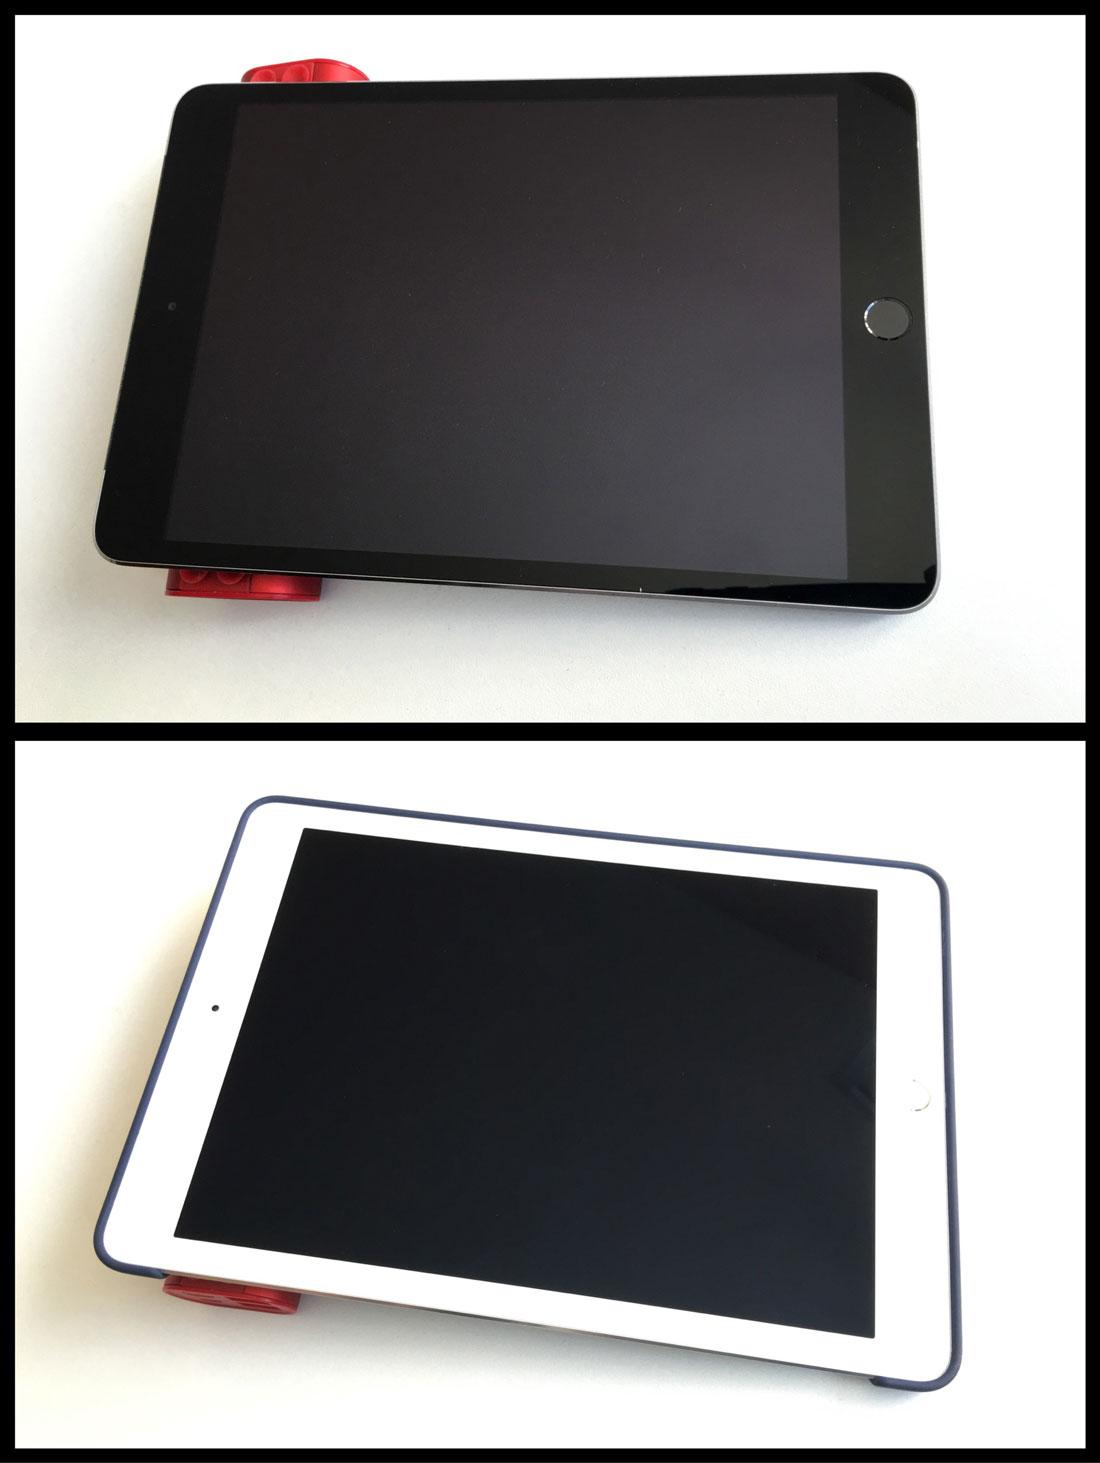 La batterie autonome Xoopar Squid avec d'abord un iPad Mini, puis avec un iPad Pro 9,7'', 08 2016, Ph. Moctar KANE.